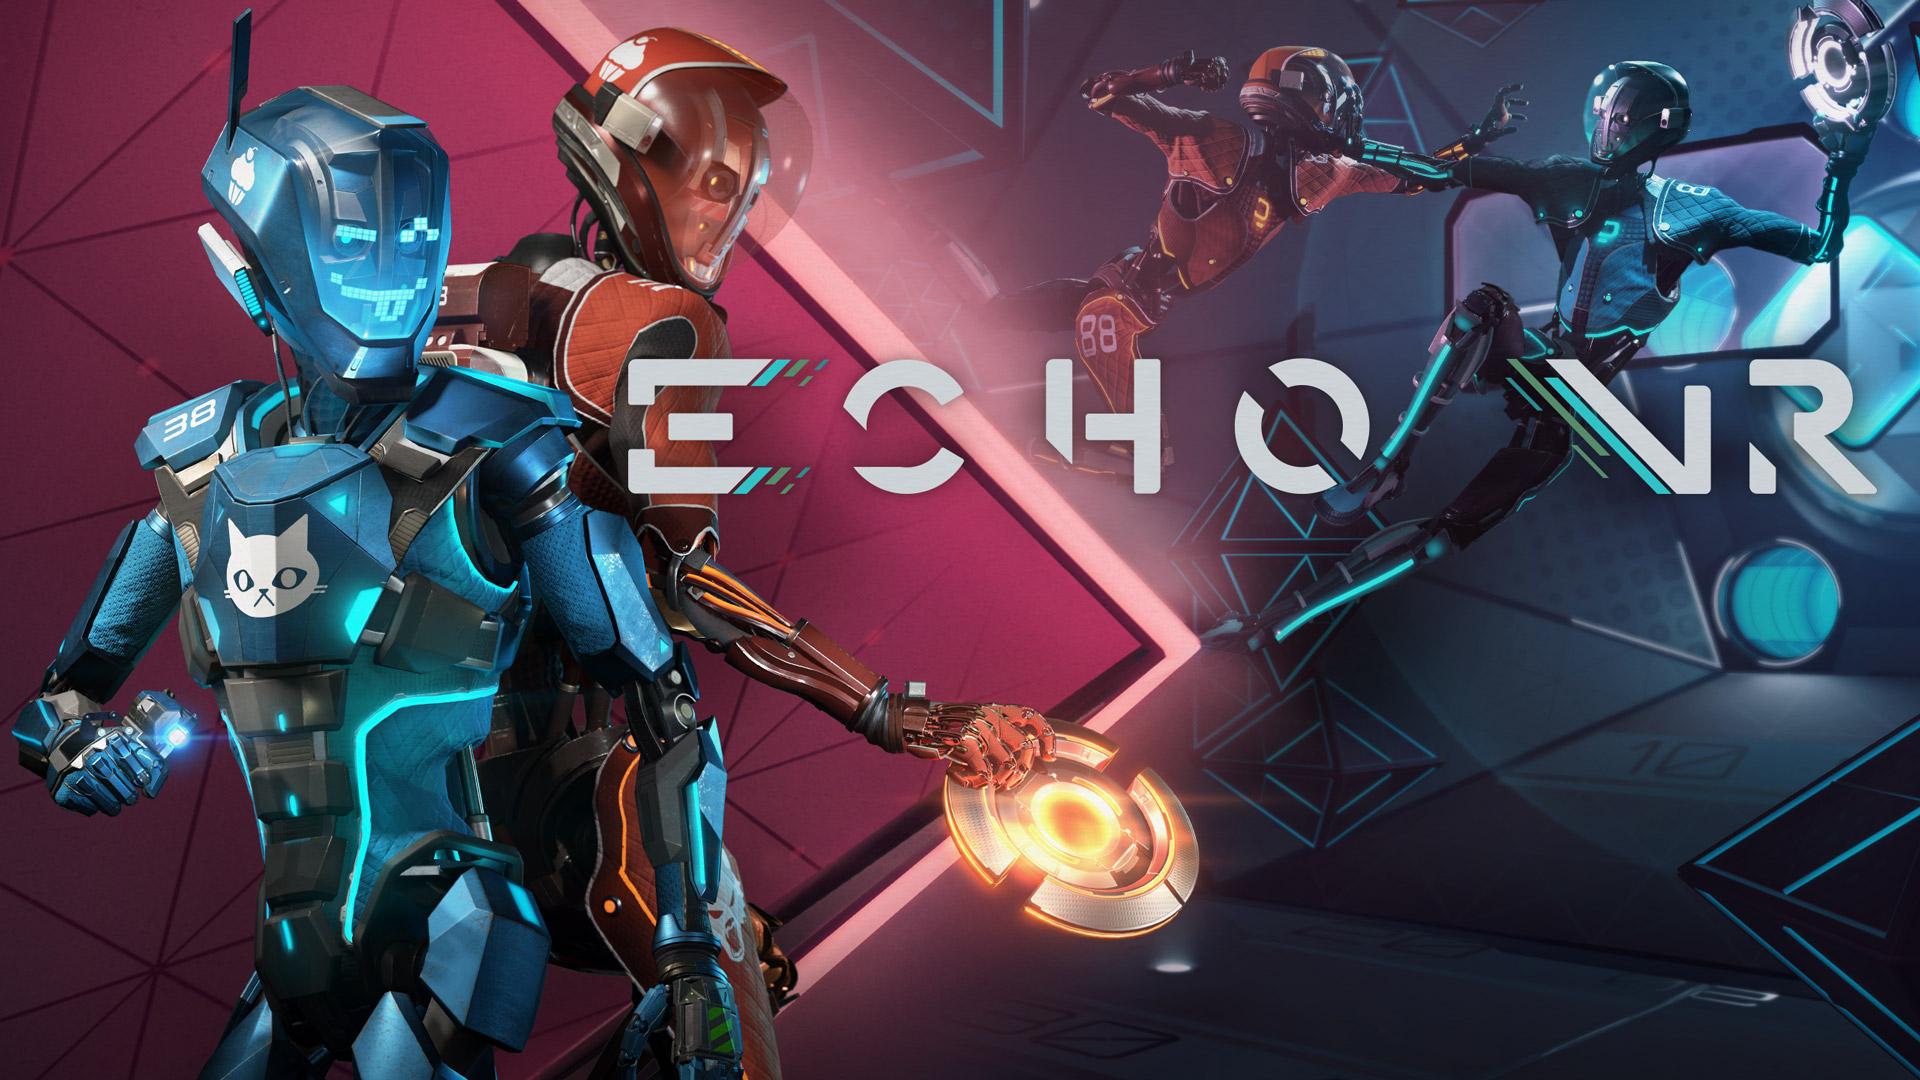 echo-vr.jpg